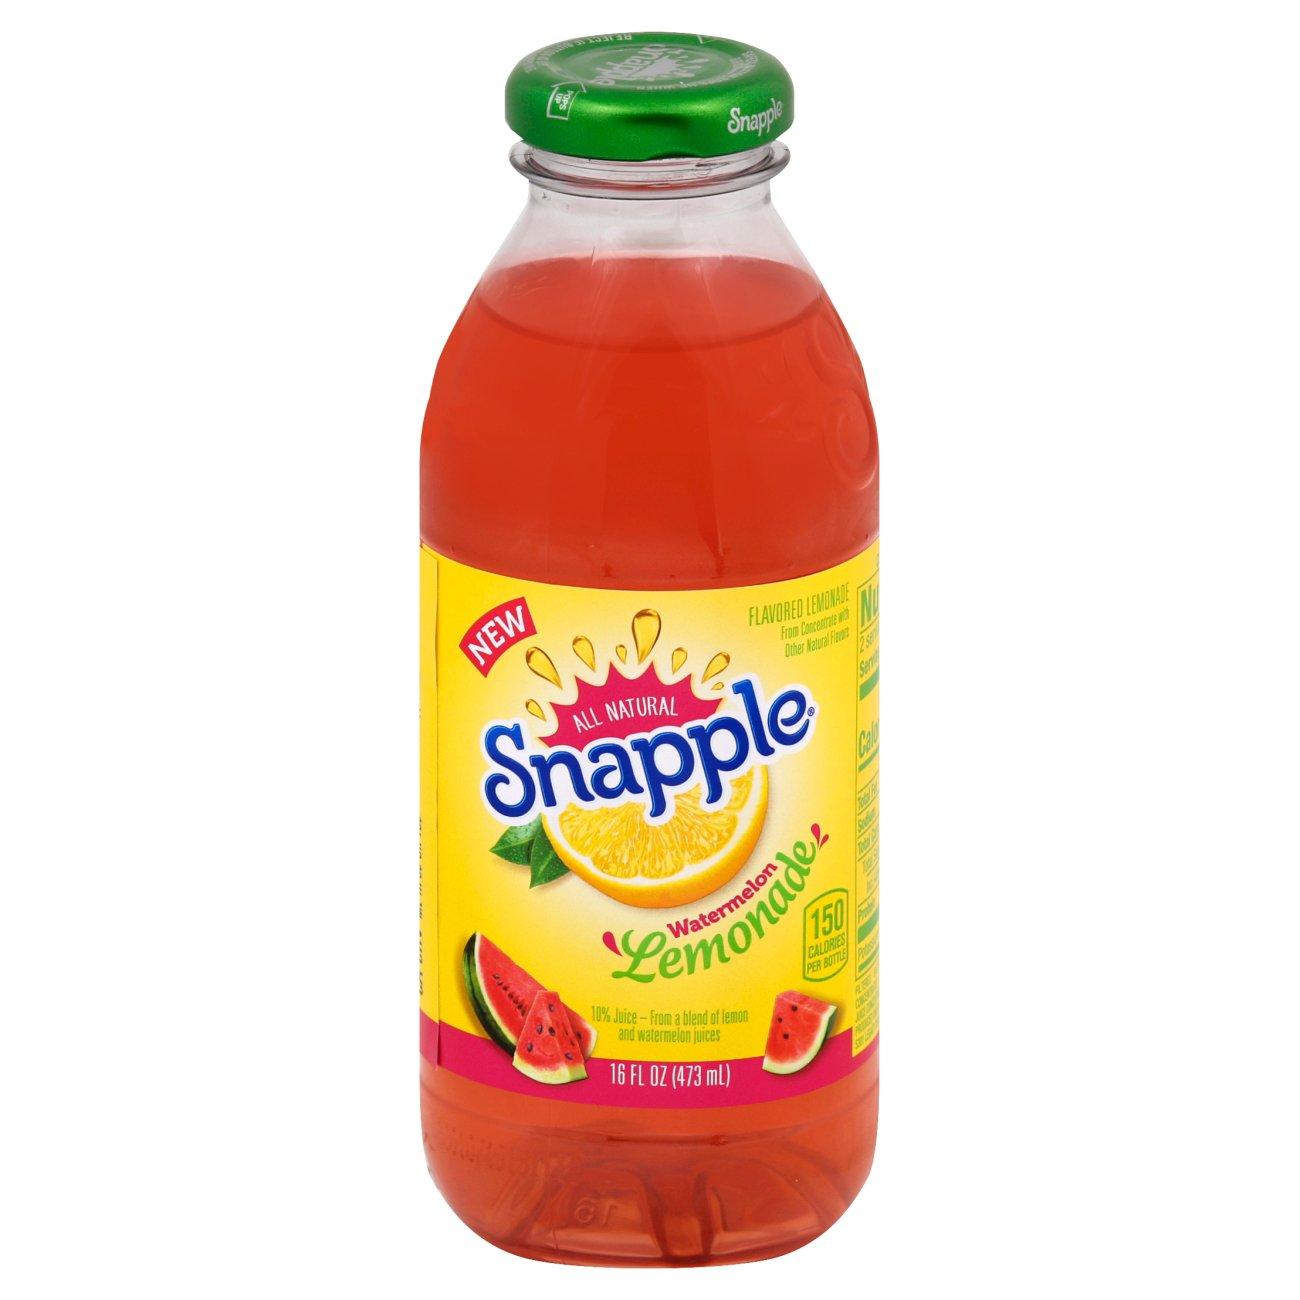 Snapple Watermelon Lemonade - Shop Tea